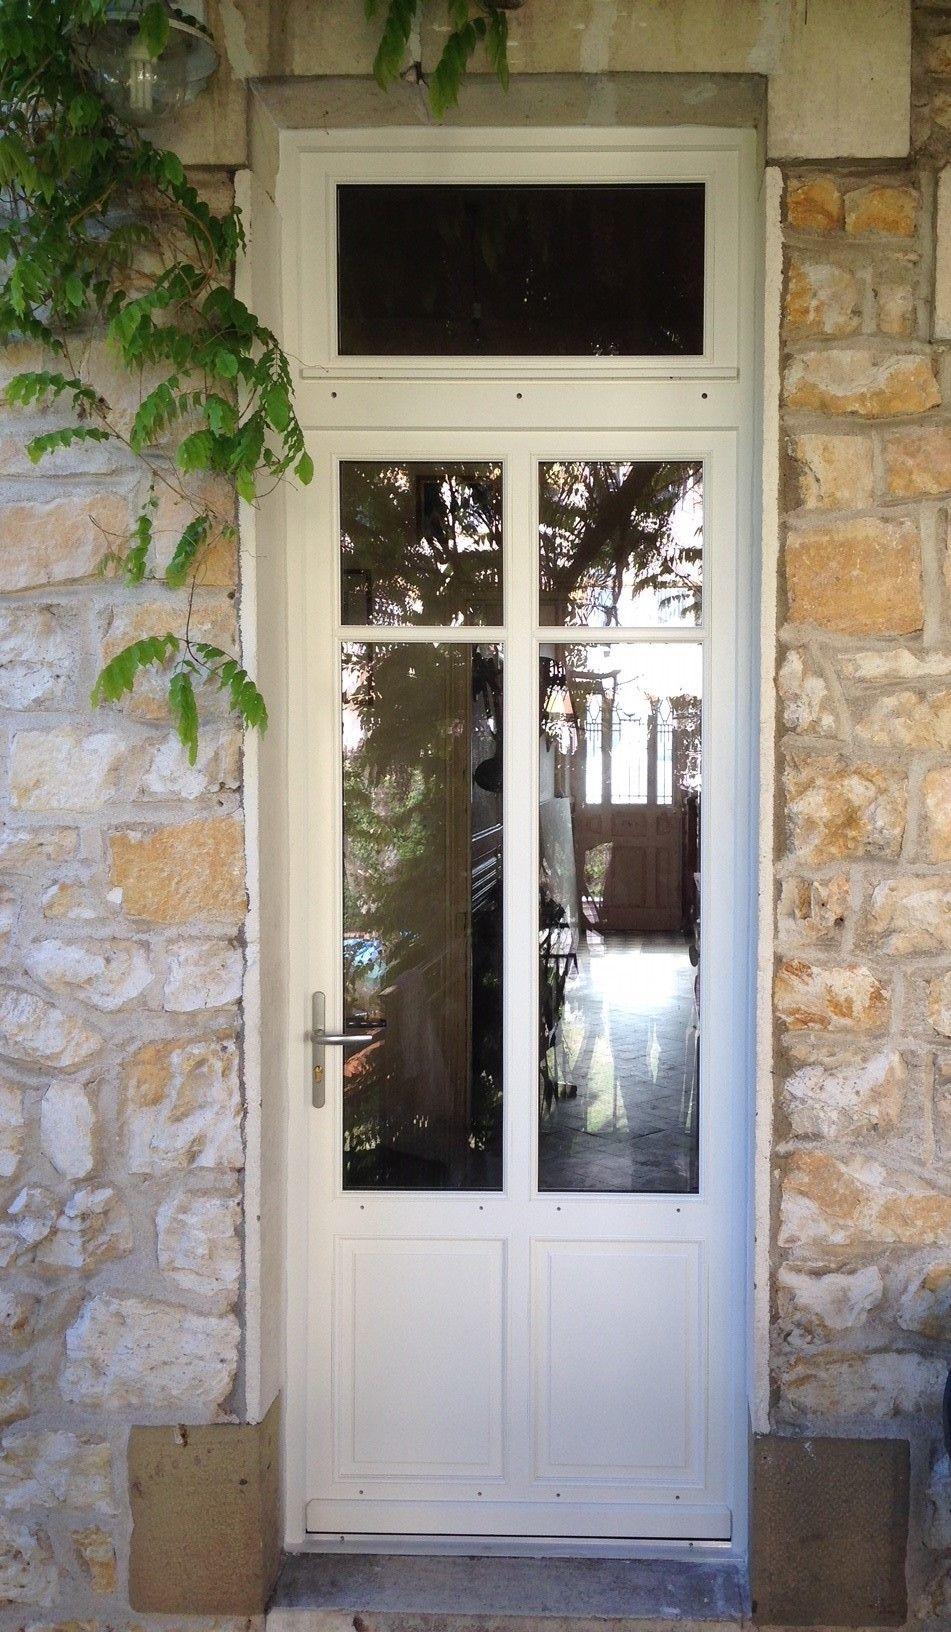 Porte Fenetre 1 Vantail Avec Petits Bois Colles Imposte Vitree Porte Entree Vitree Porte Fenetre Porte Fenetre 1 Vantail